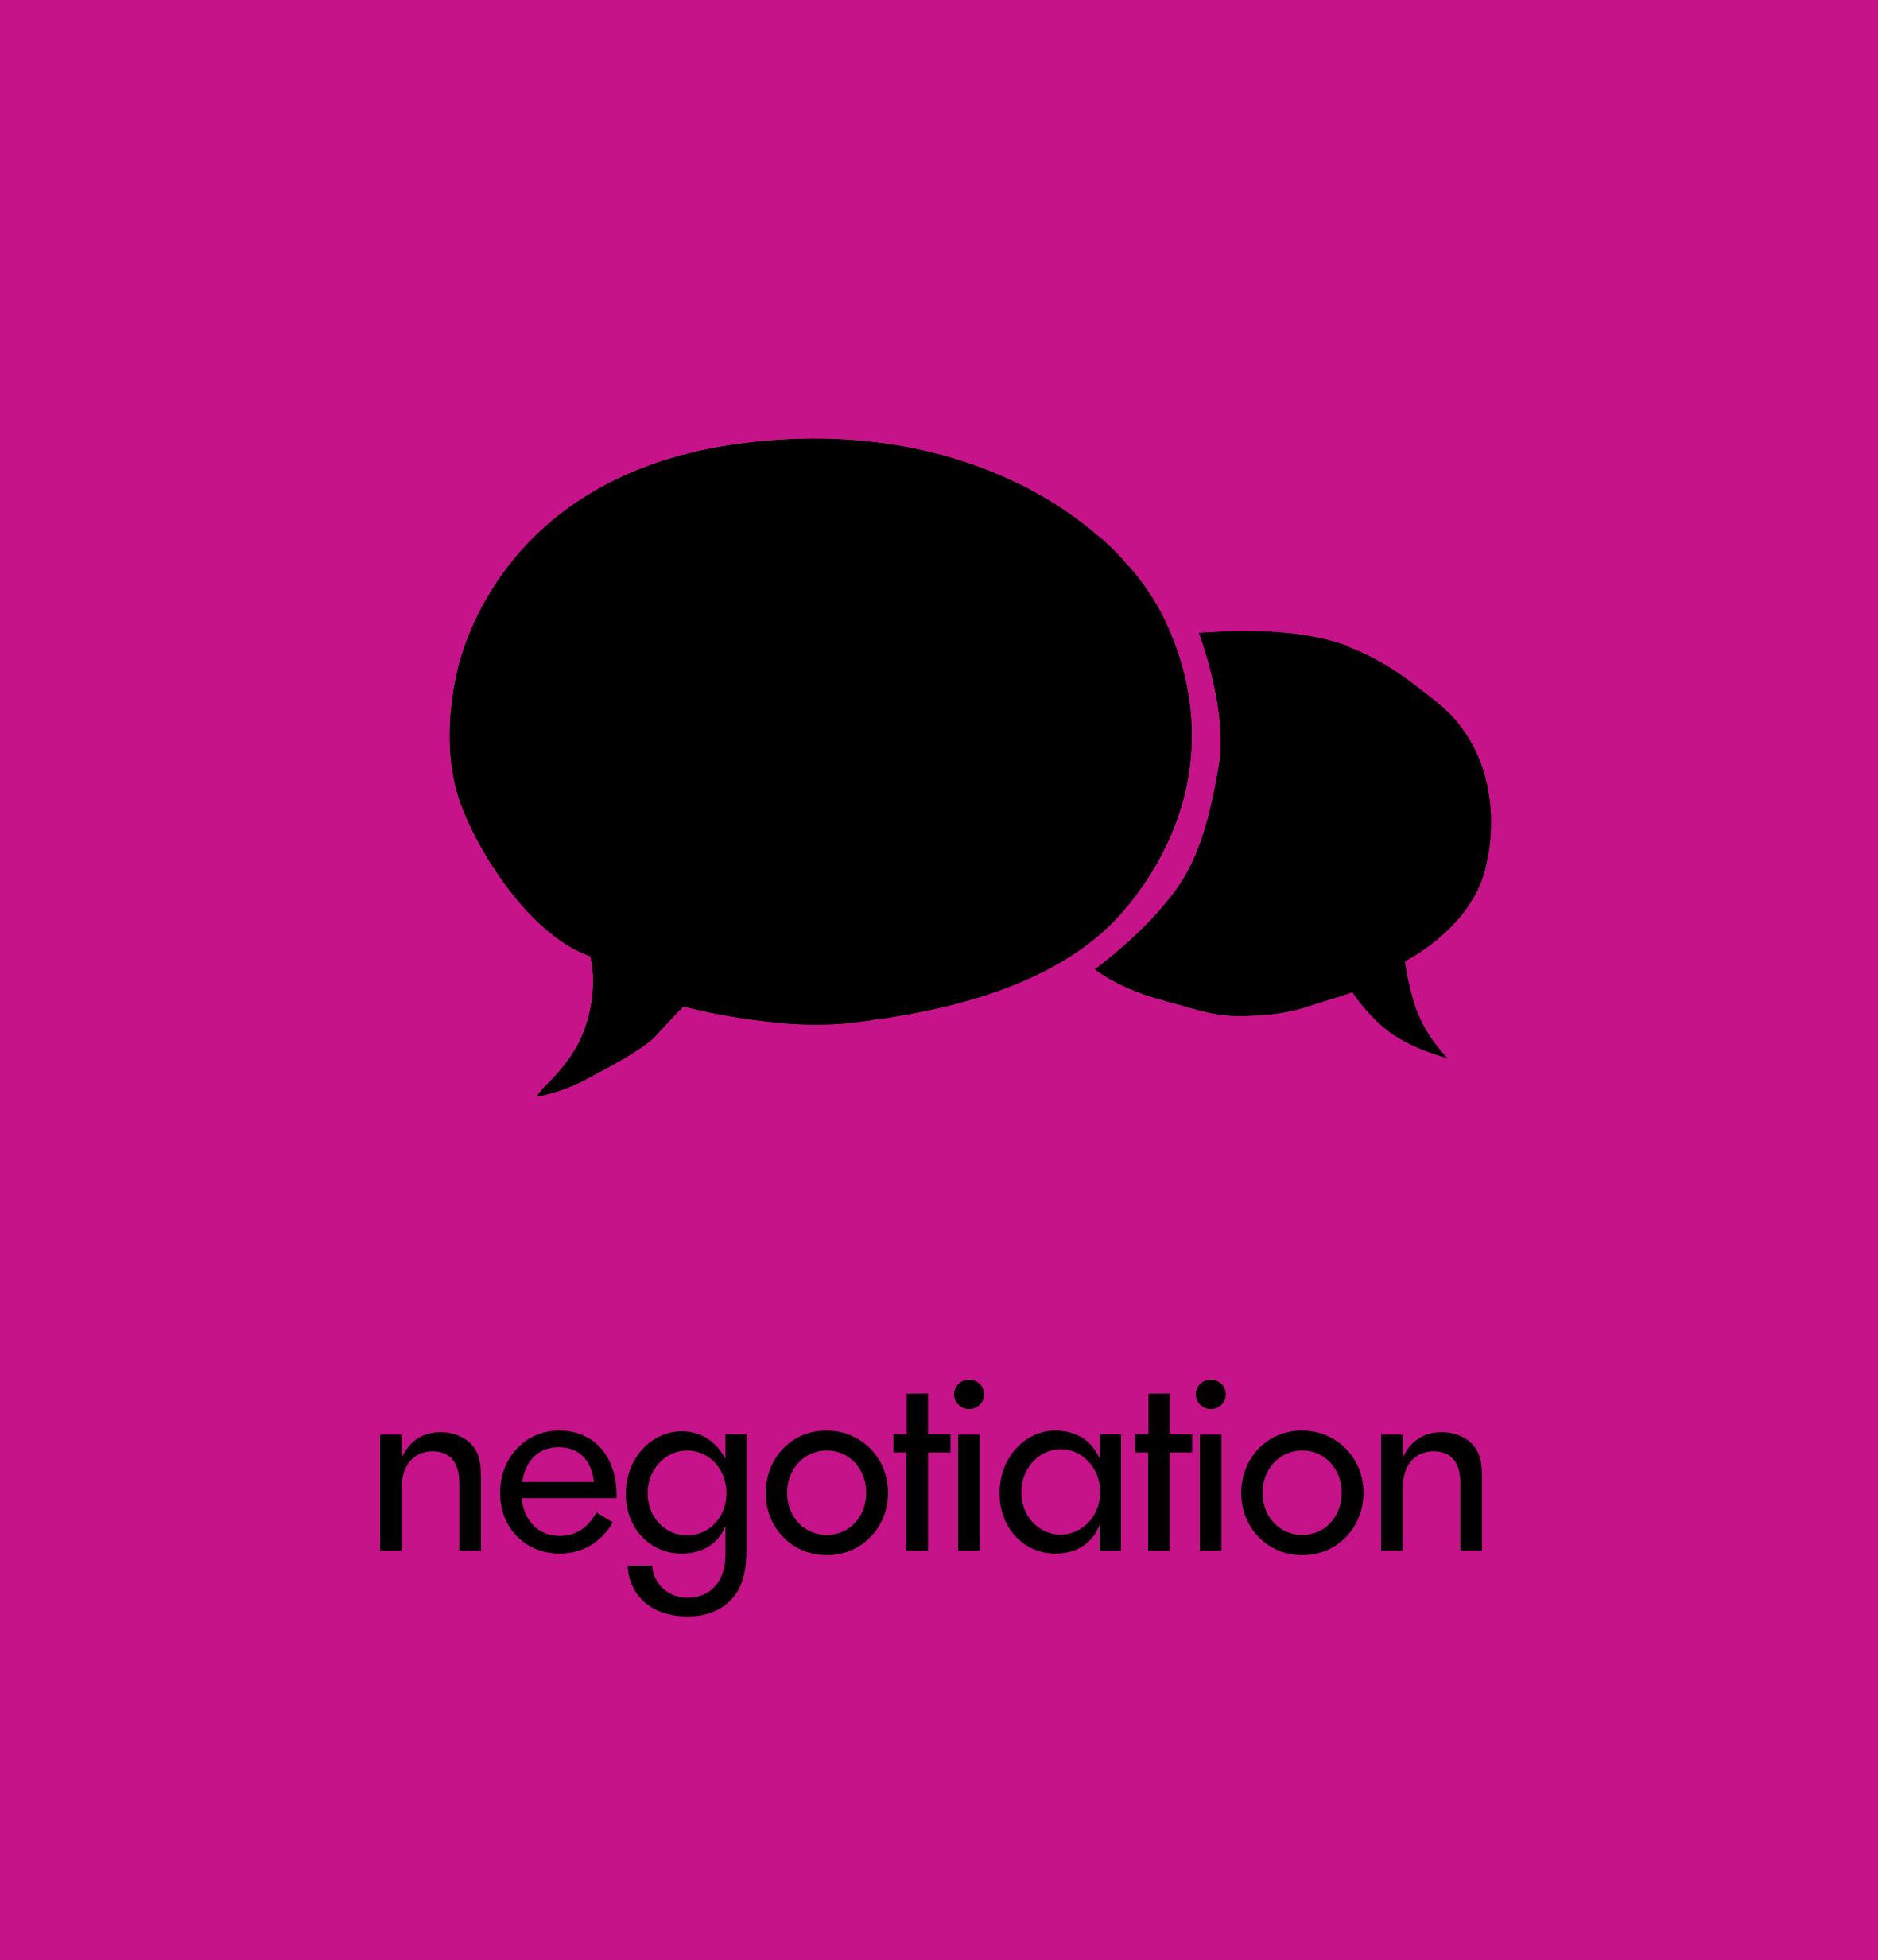 negotiation.jpg